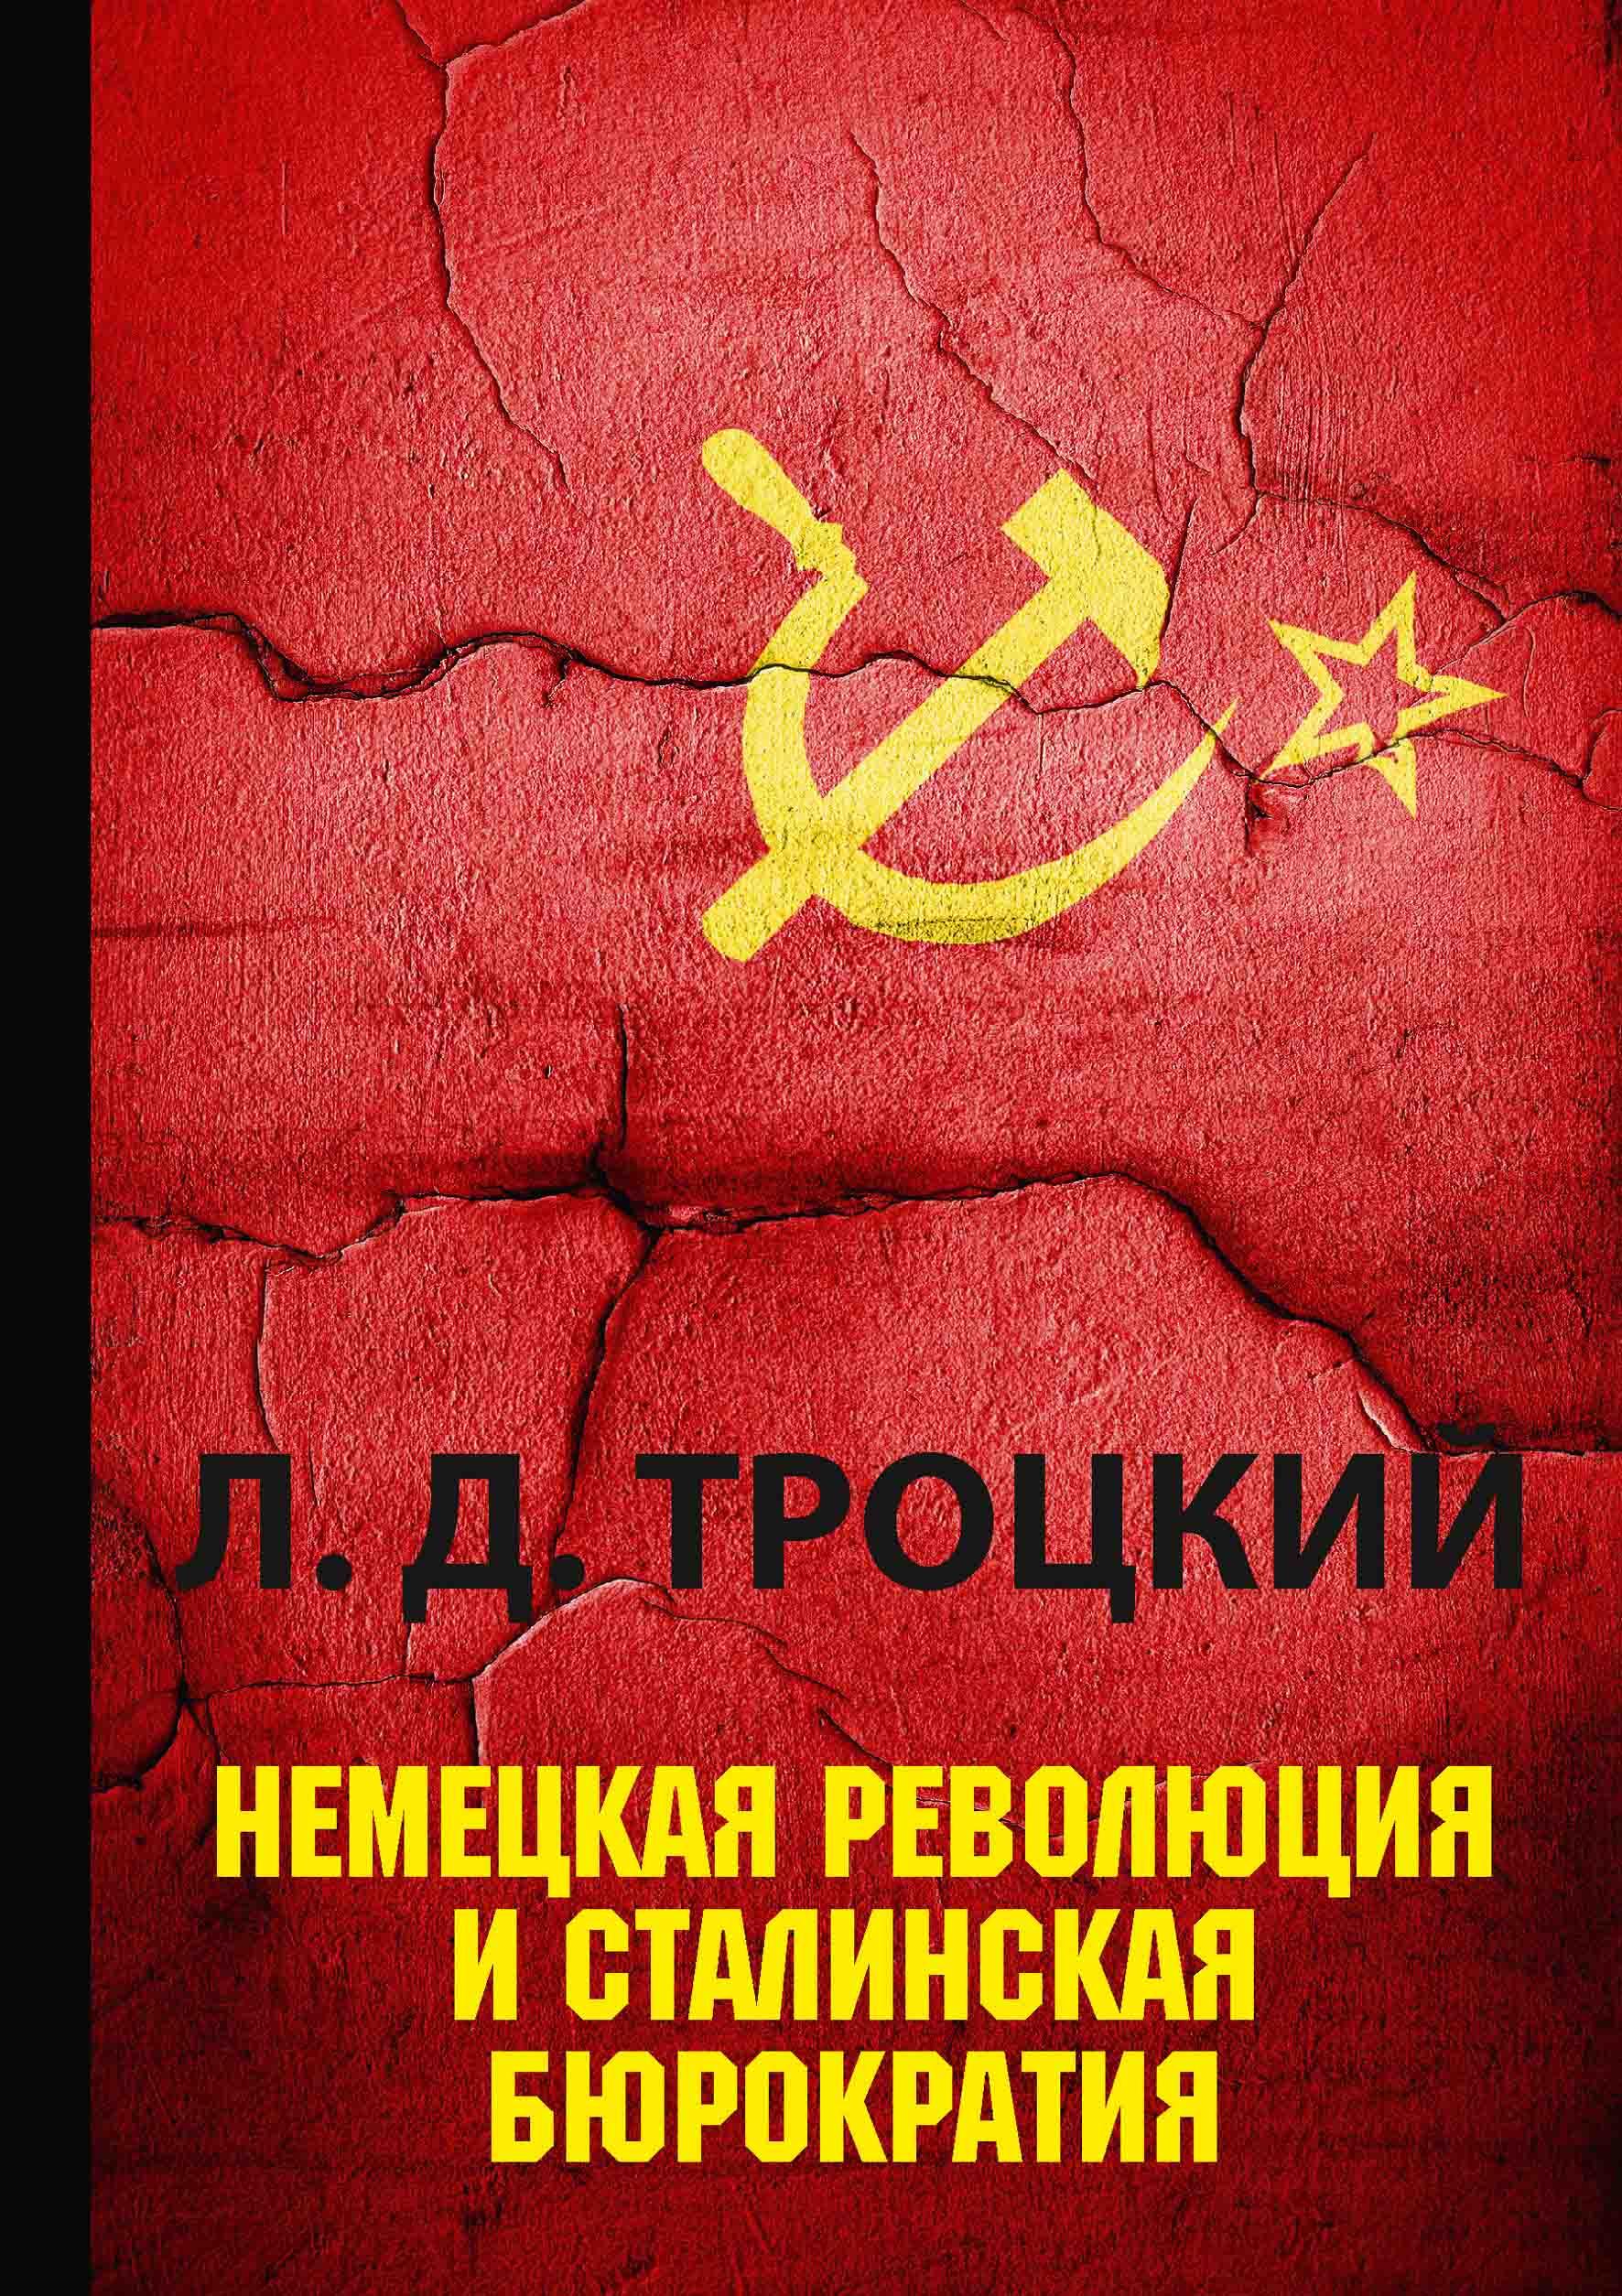 Л. Д. Троцкий Немецкая революция и сталинская бюрократия троцкий л наша первая революция часть ii